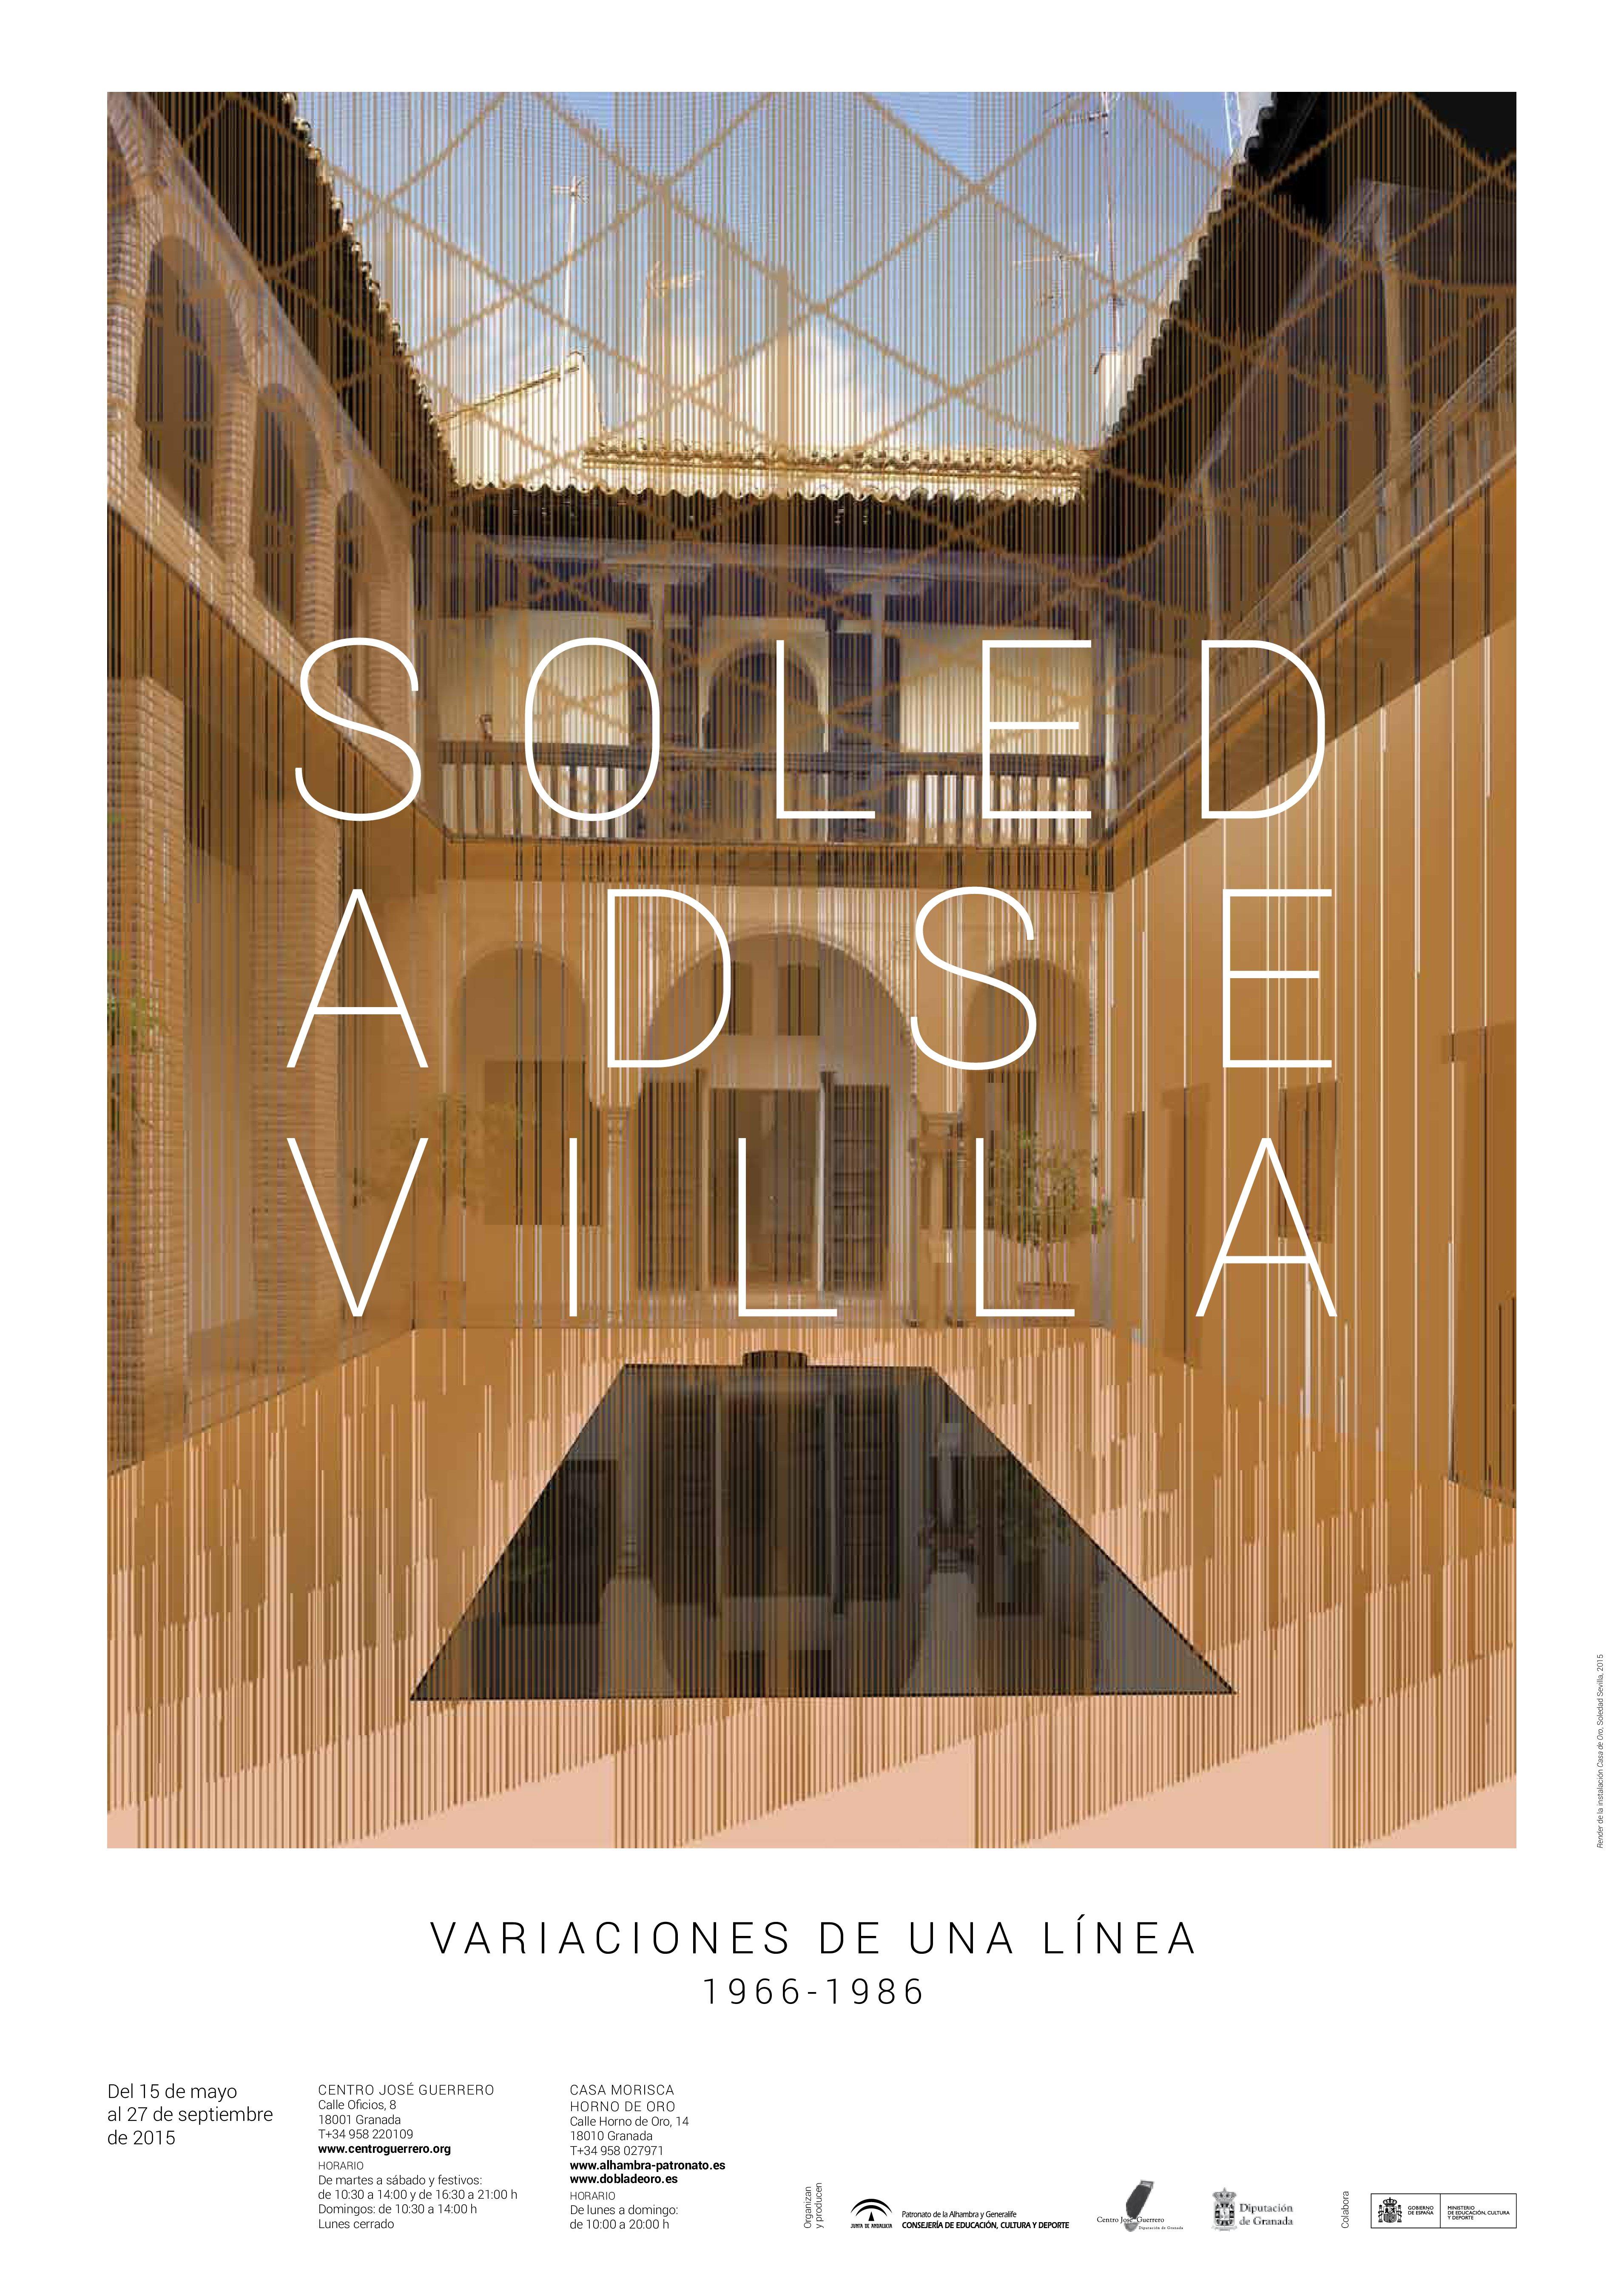 SOLEDAD SEVILLA. Variaciones de una línea, 1966-1986